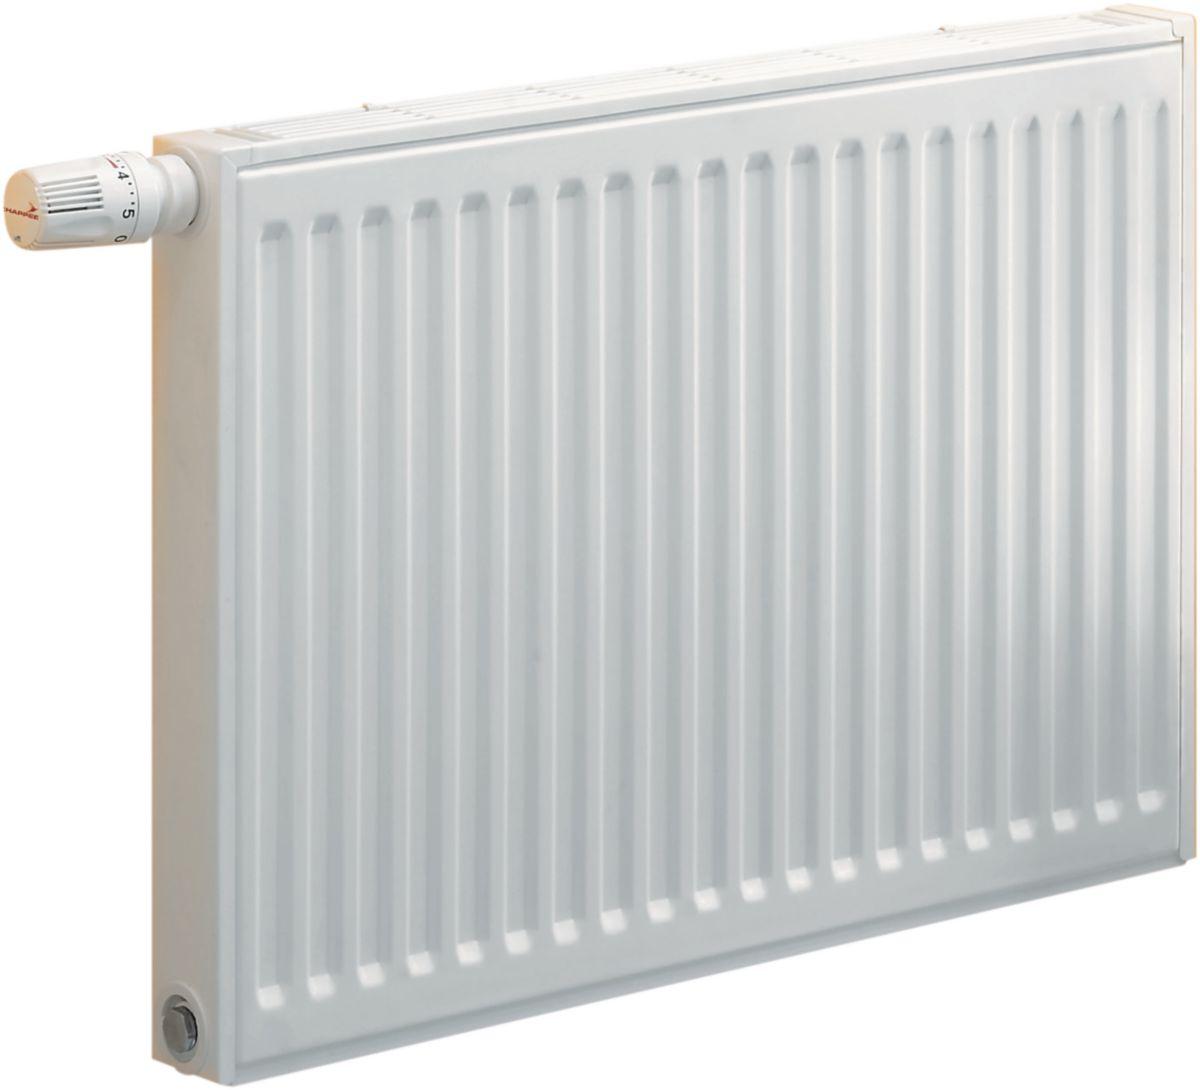 Radiateur panneau SAMBA gamme horizontale 4 orifices type 22 habillé acier hauteur 600 mm longueur 1700 mm 51 éléments 2800 watts réf. CC235